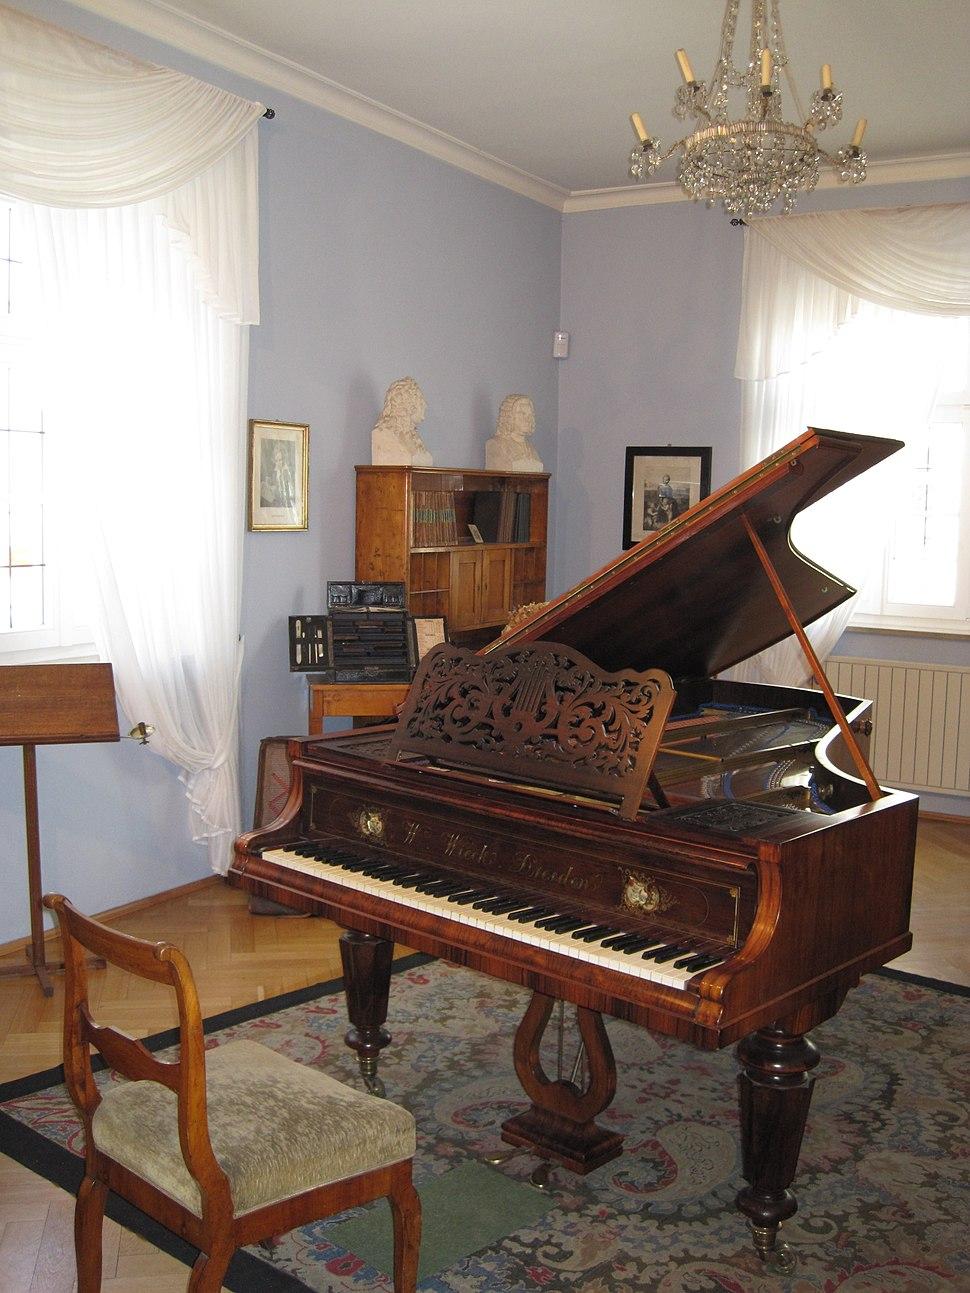 Robert-Schumann-Haus